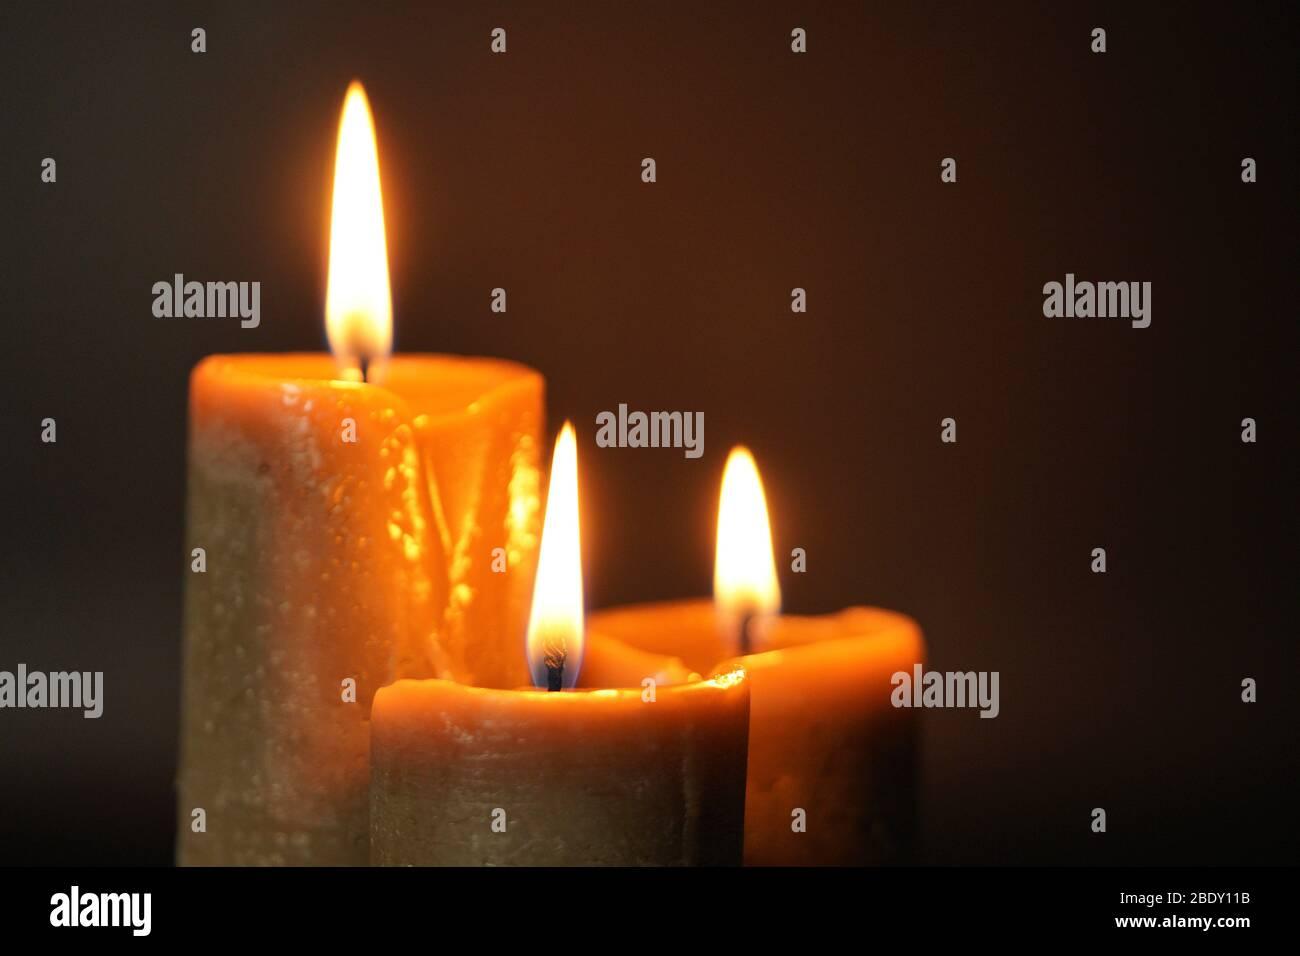 Gruppe von drei braunen brennenden Kerzen auf schwarzem Hintergrund Nahaufnahme. Konzept des Komforts, der Romantik, des Mystikers, des Okkultismus, der Religion, des Symbols der Erinnerung Stockfoto